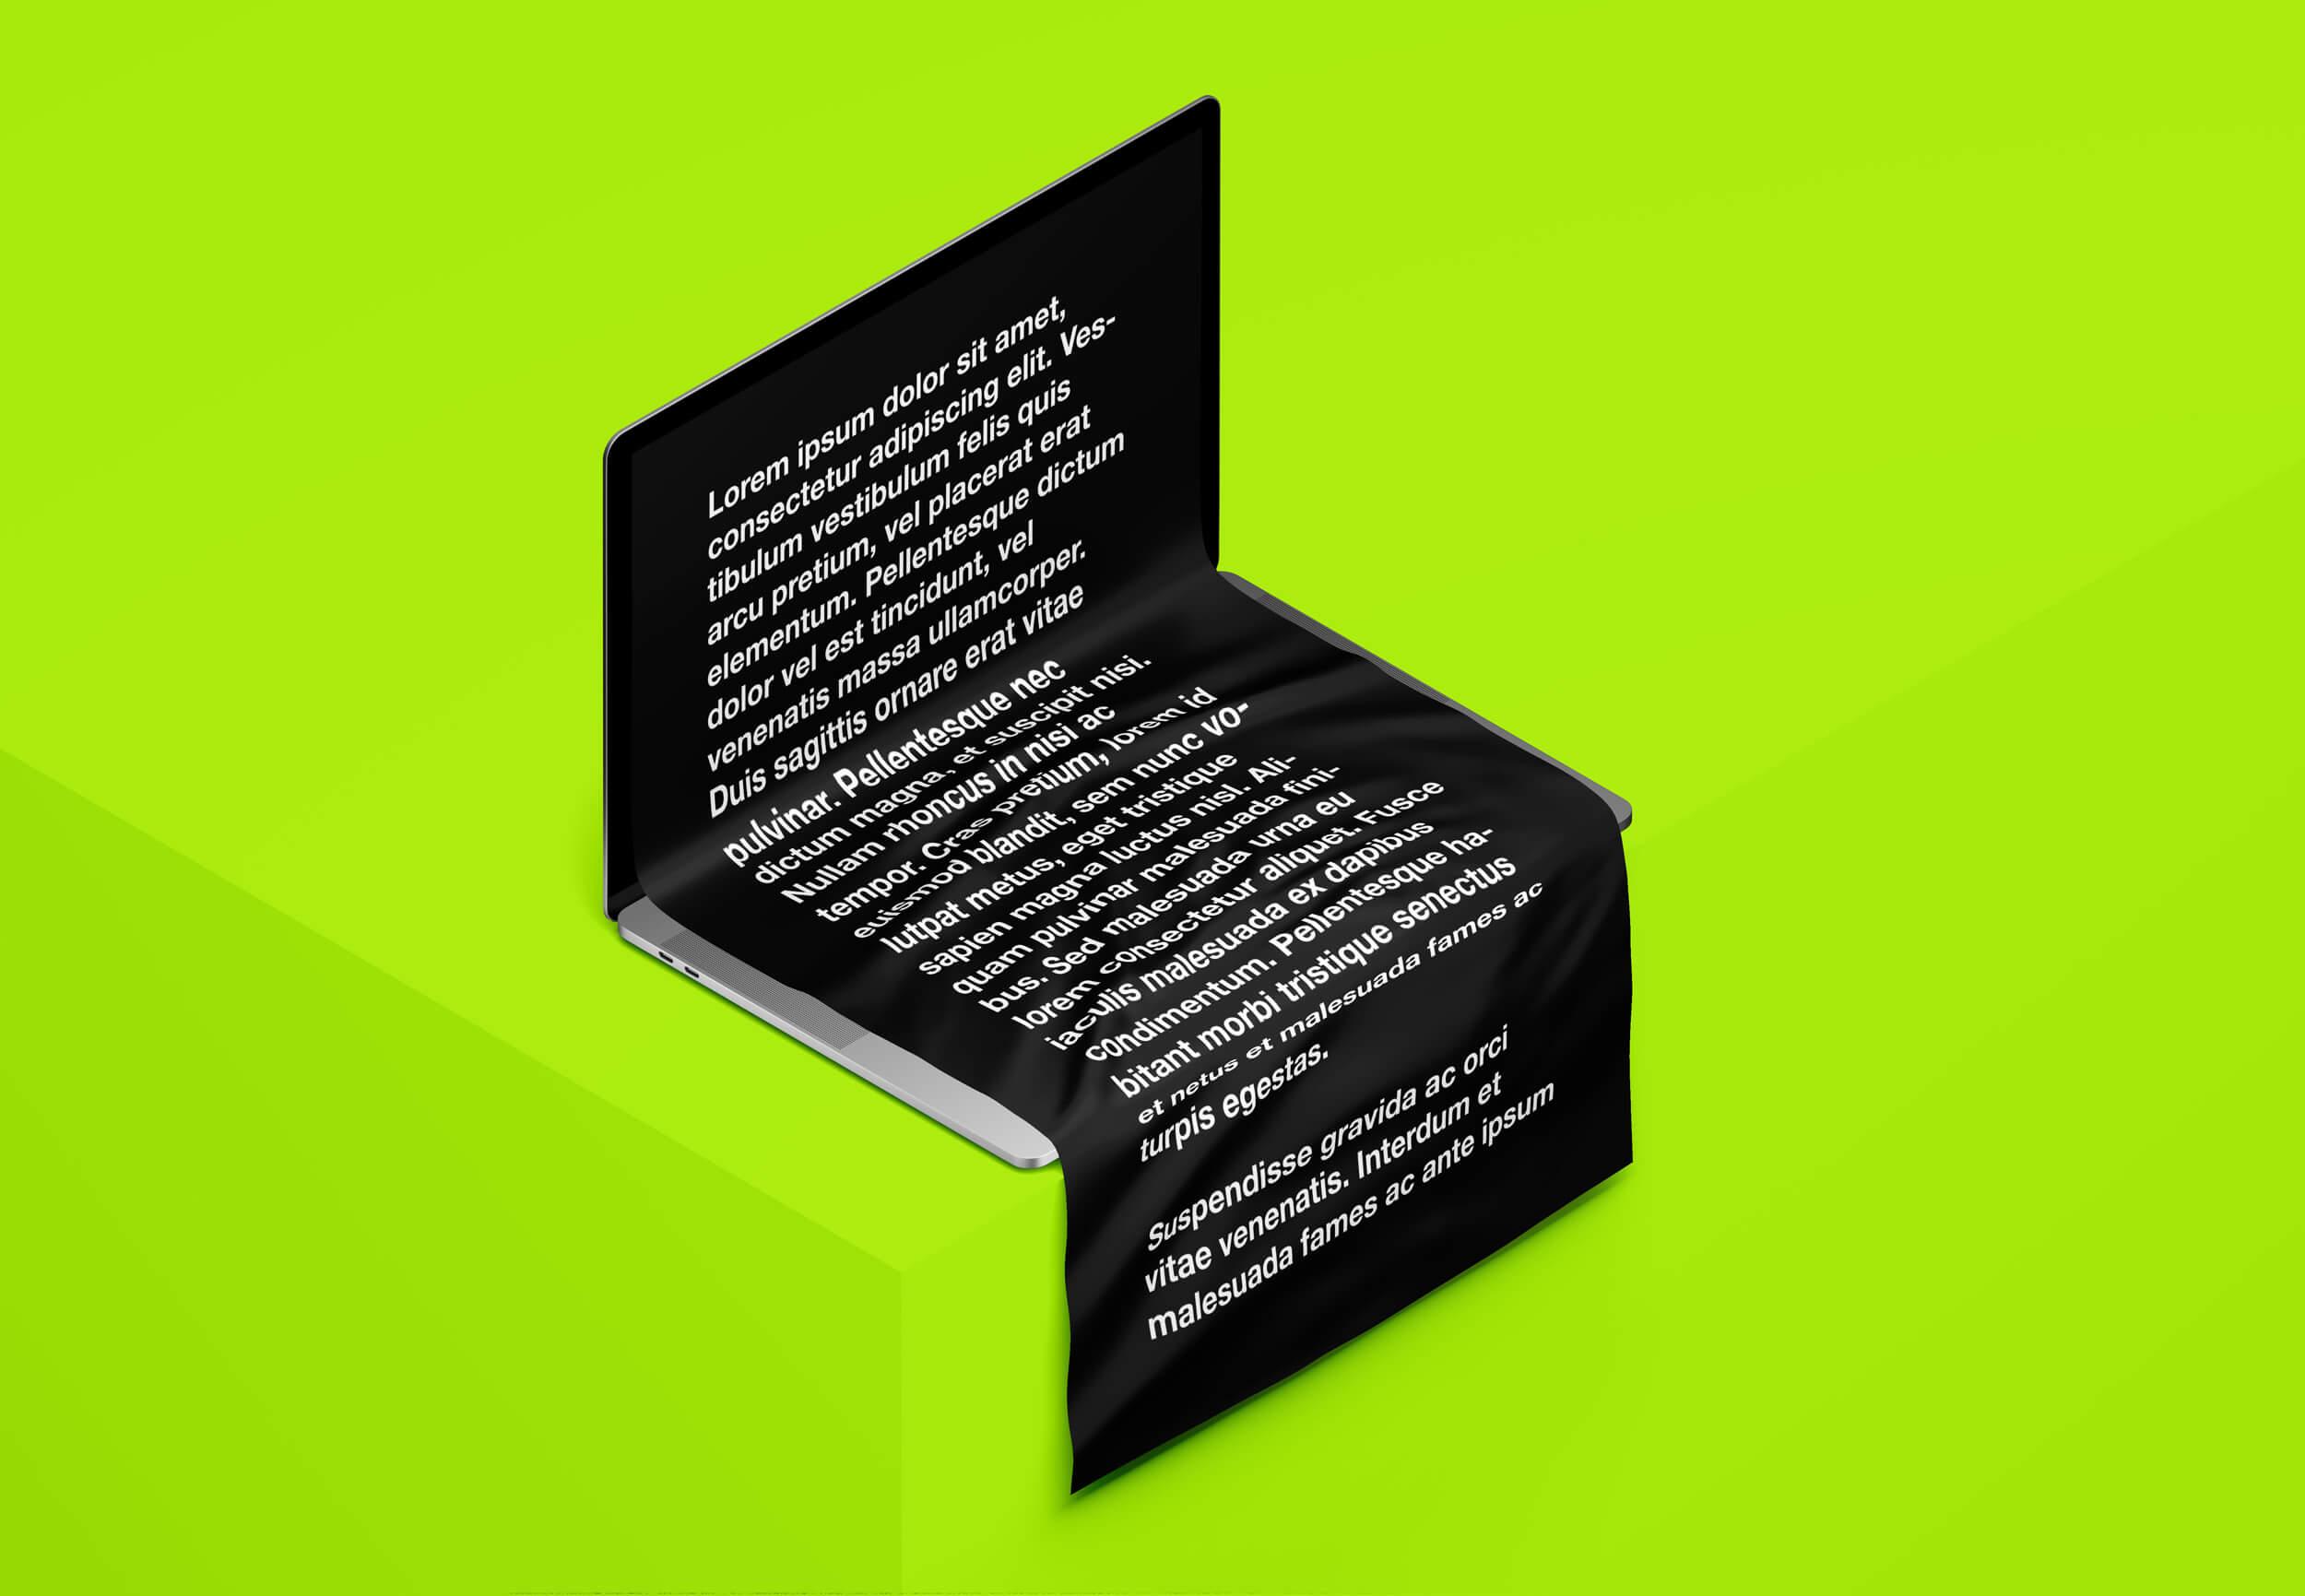 网页着陆页设计演示等距MacBook Pro苹果笔记本样机模板 MacBook Long Scroll Mockup插图(3)